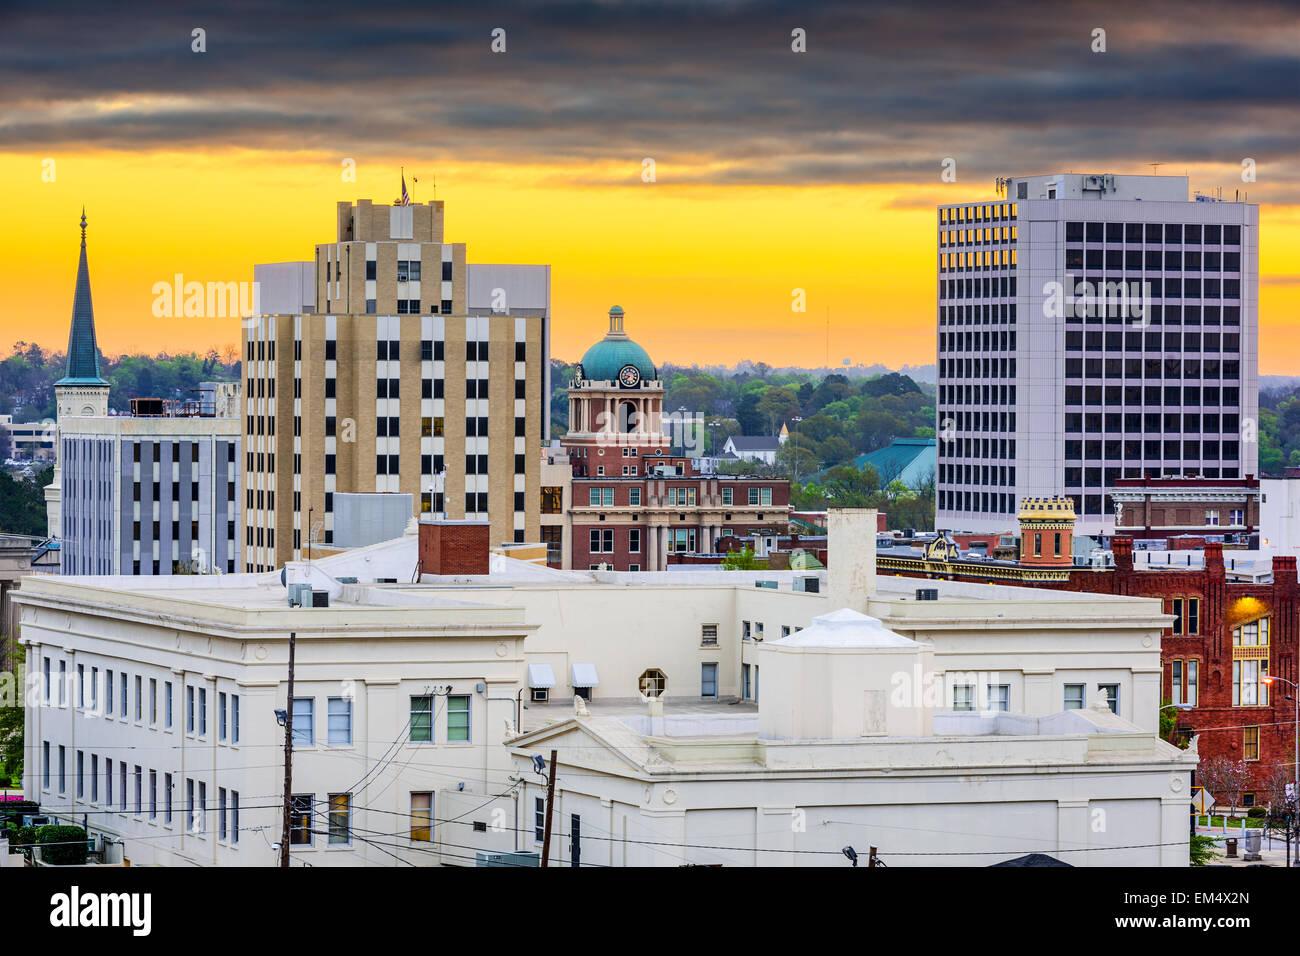 En Macon, Georgia, EE.UU. centro de ciudad al amanecer. Imagen De Stock